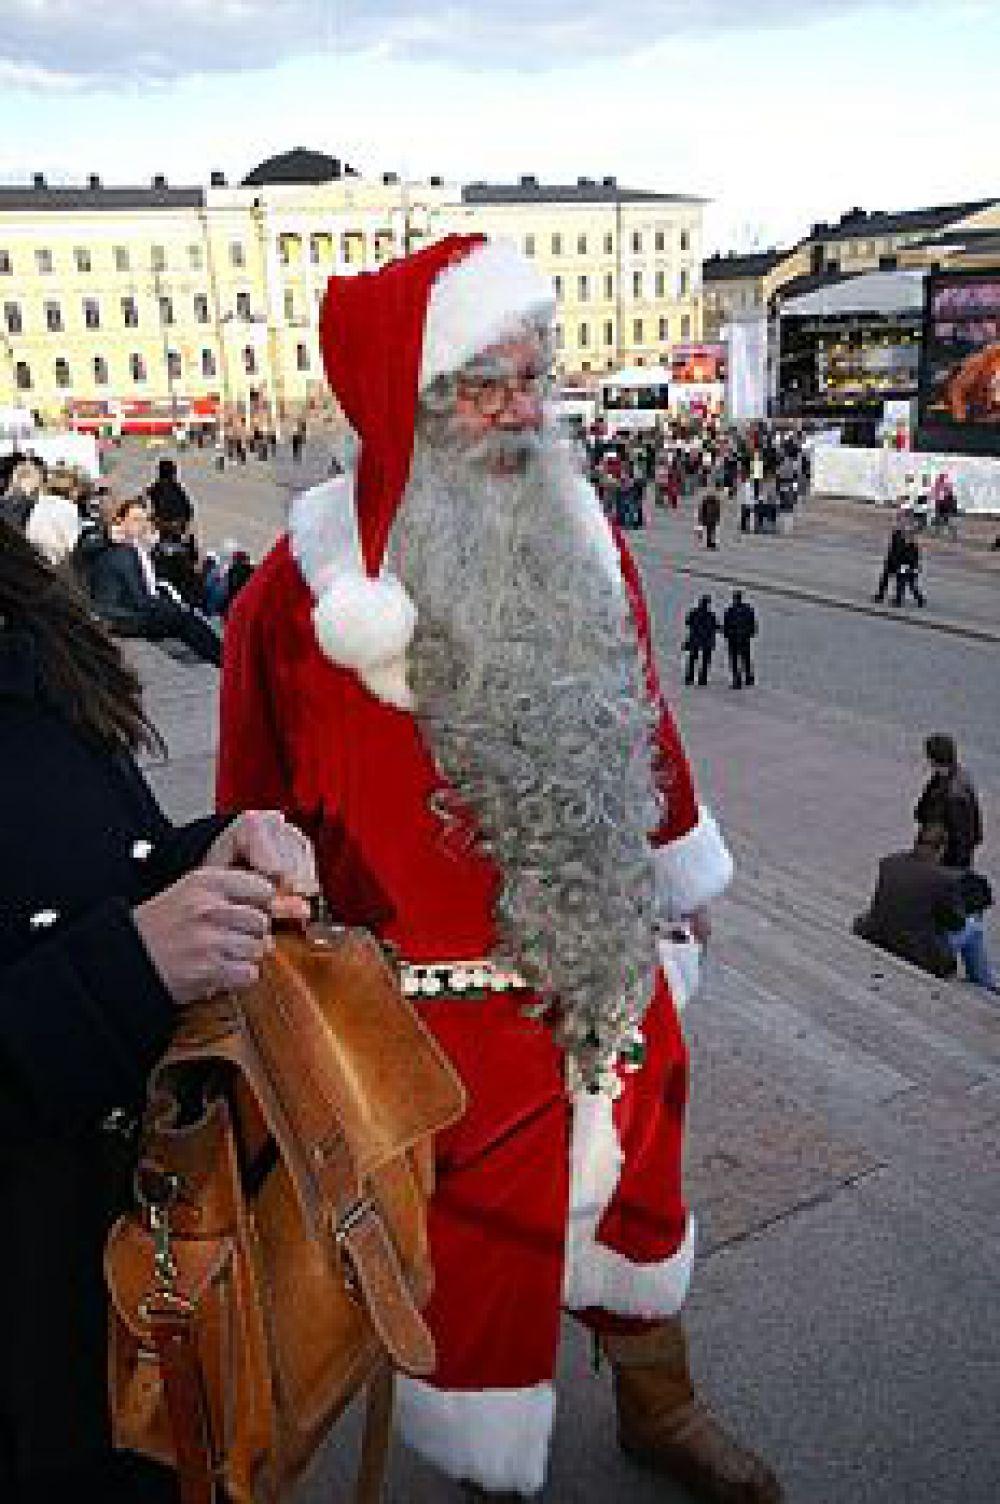 В Финляндии Деда Мороза зовут Йоулупукки. «Йоулу» обозначает Рождество, о «пукки» – козёл, то есть Рождественский козёл. Дело в том, что много лет назад Дед Мороз носил козлиную шкуру, а подарки развозил на козлике. Сейчас он выглядит как привычный Дед Мороз: в красной шубе, шапке, в очках. Йоулупукки живёт в Лапландии на горе Корватунтури с 1927 года